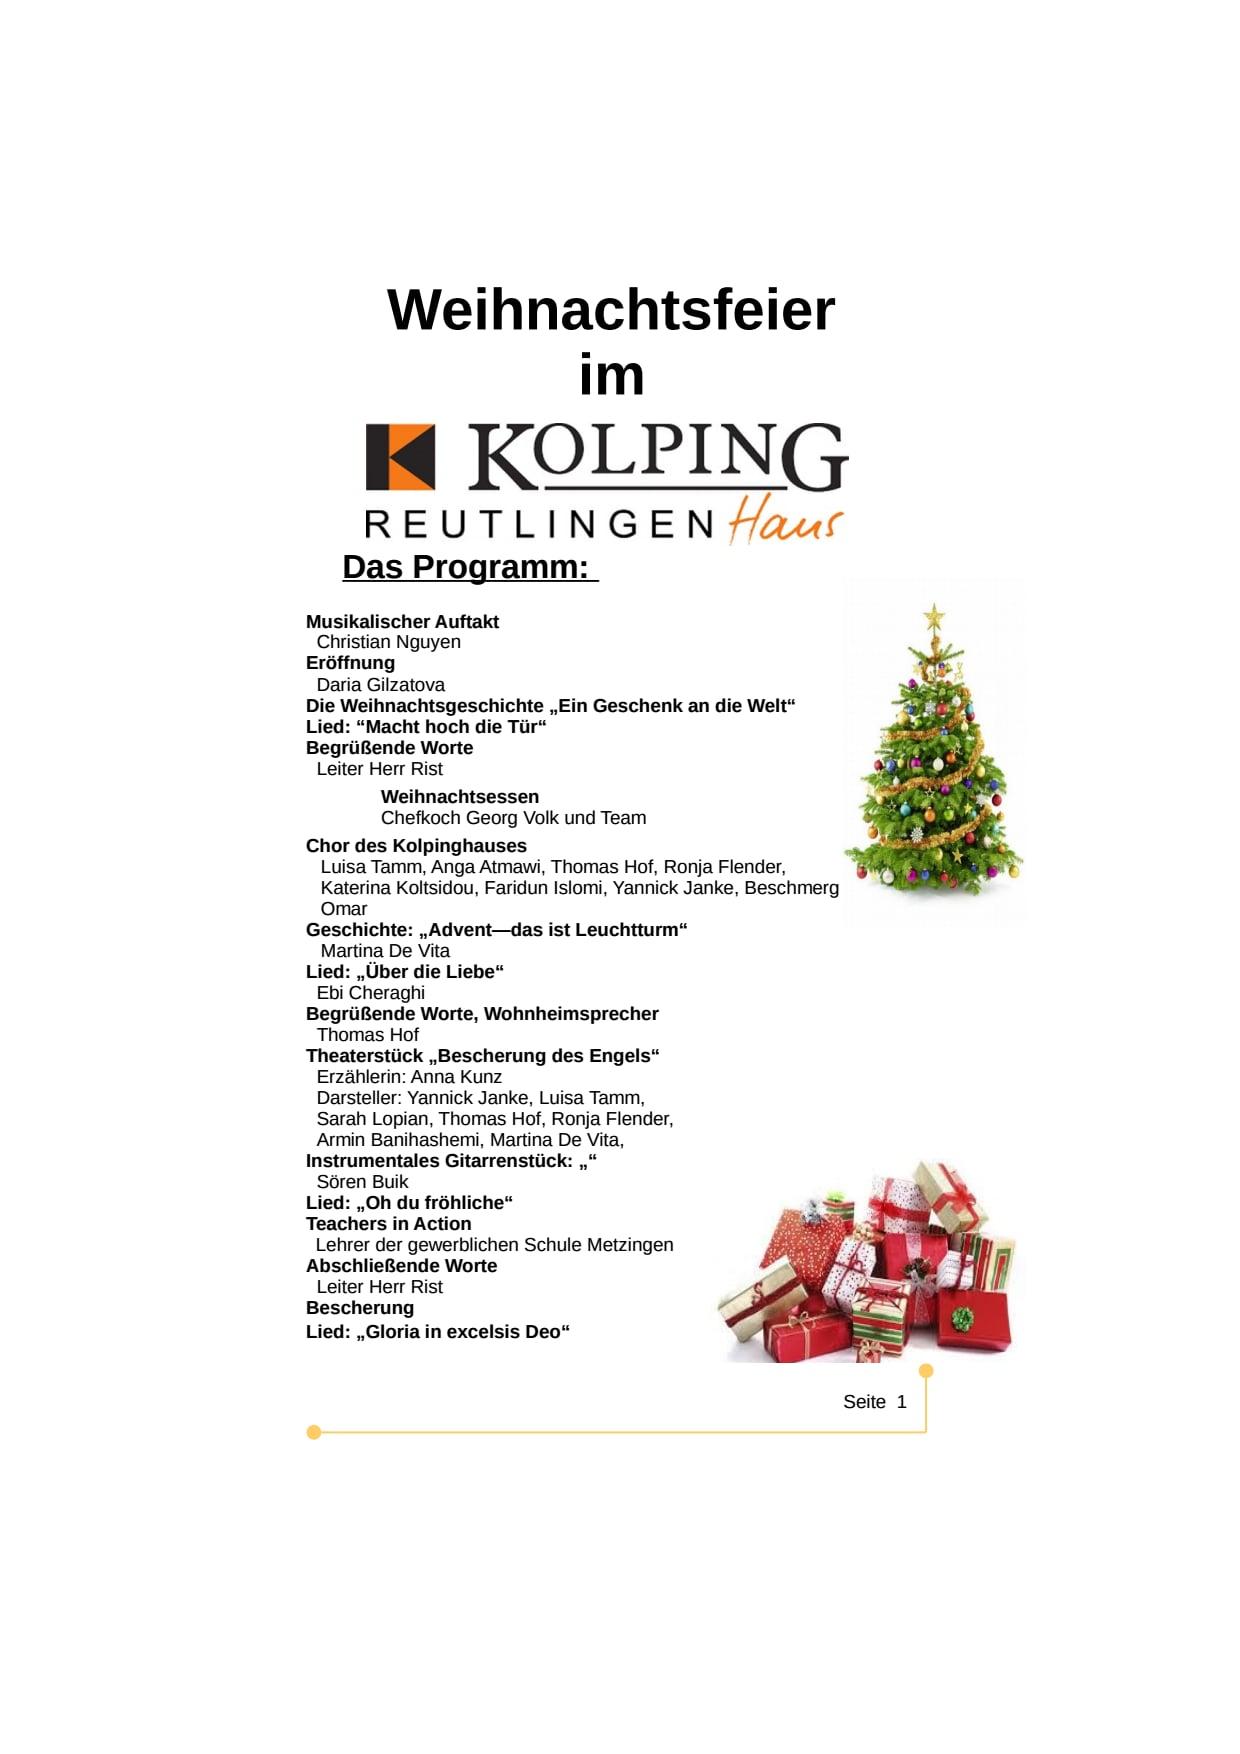 2018-12-20-bewohnerweihnachtsfeier_pdf_1